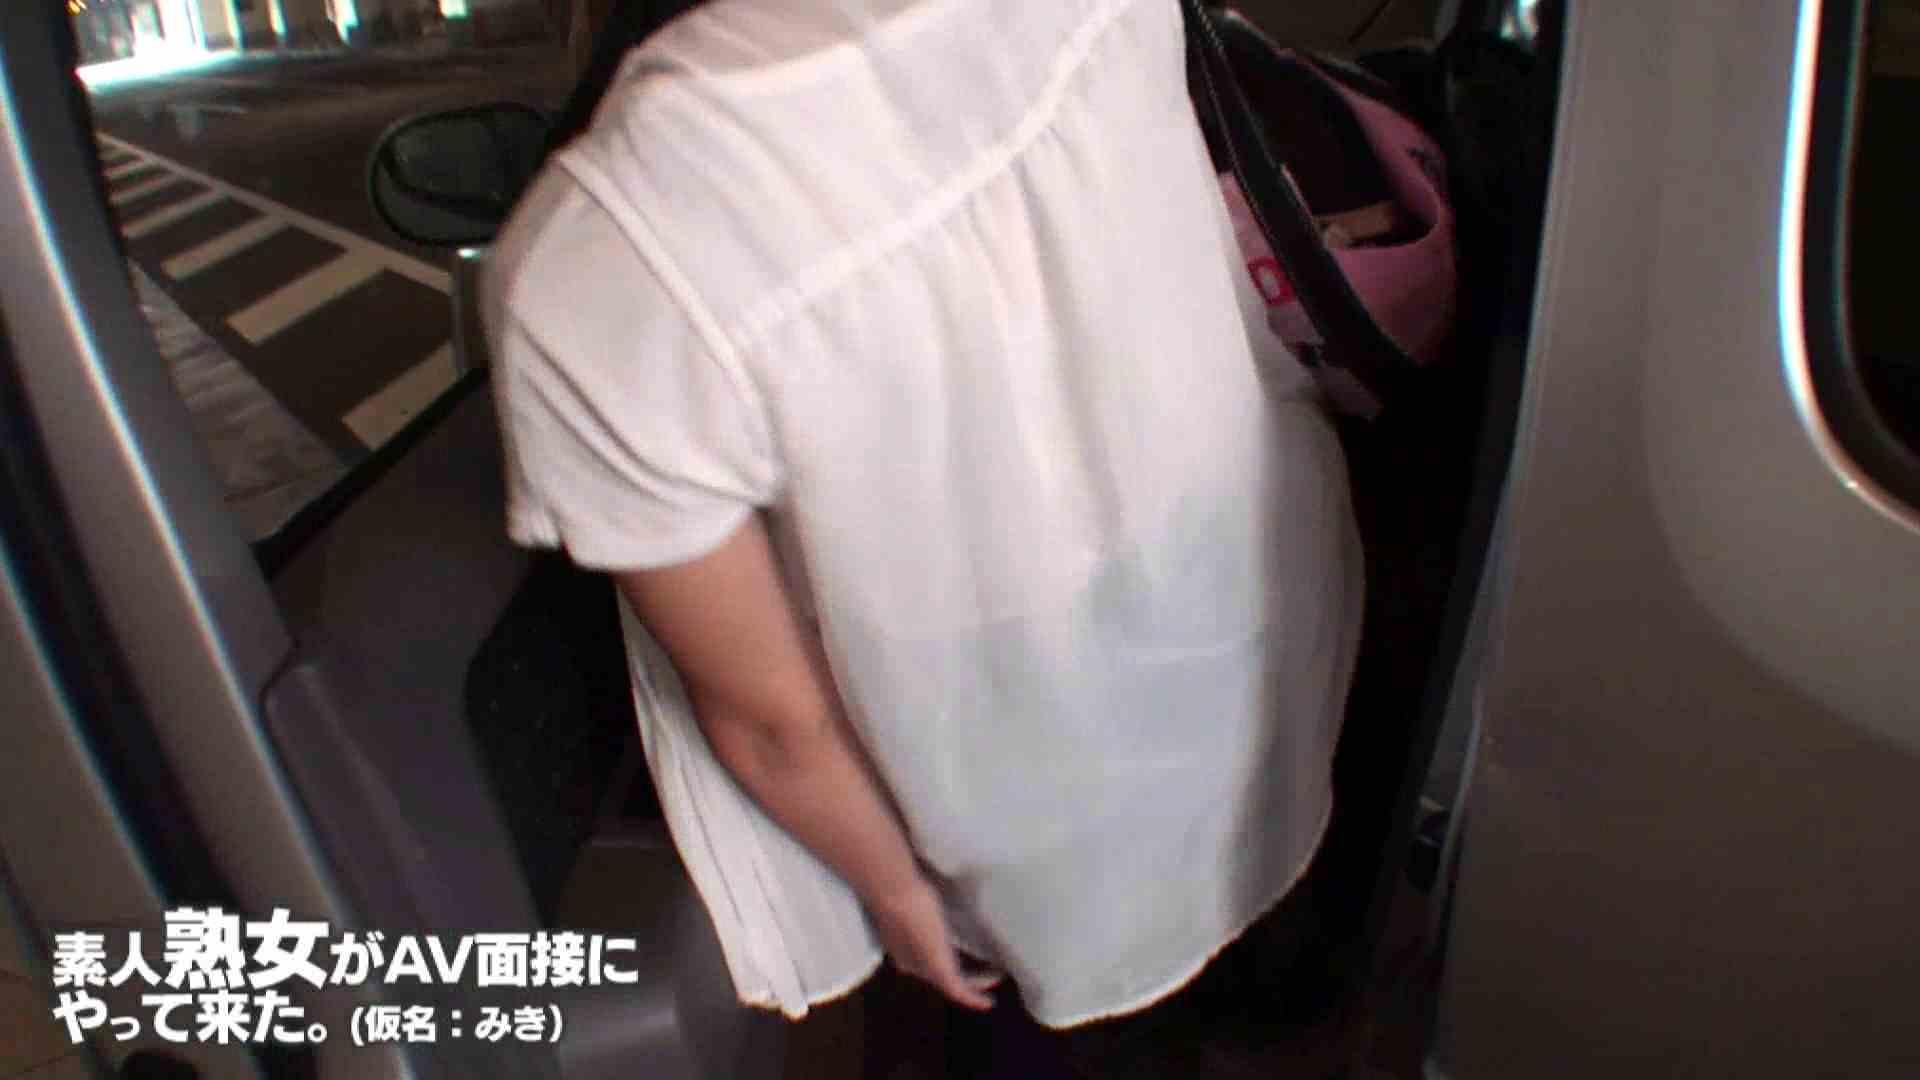 素人熟女がAV面接にやってきた (熟女)みきさんVOL.01 熟女のエッチ 盗み撮り動画 94pic 14